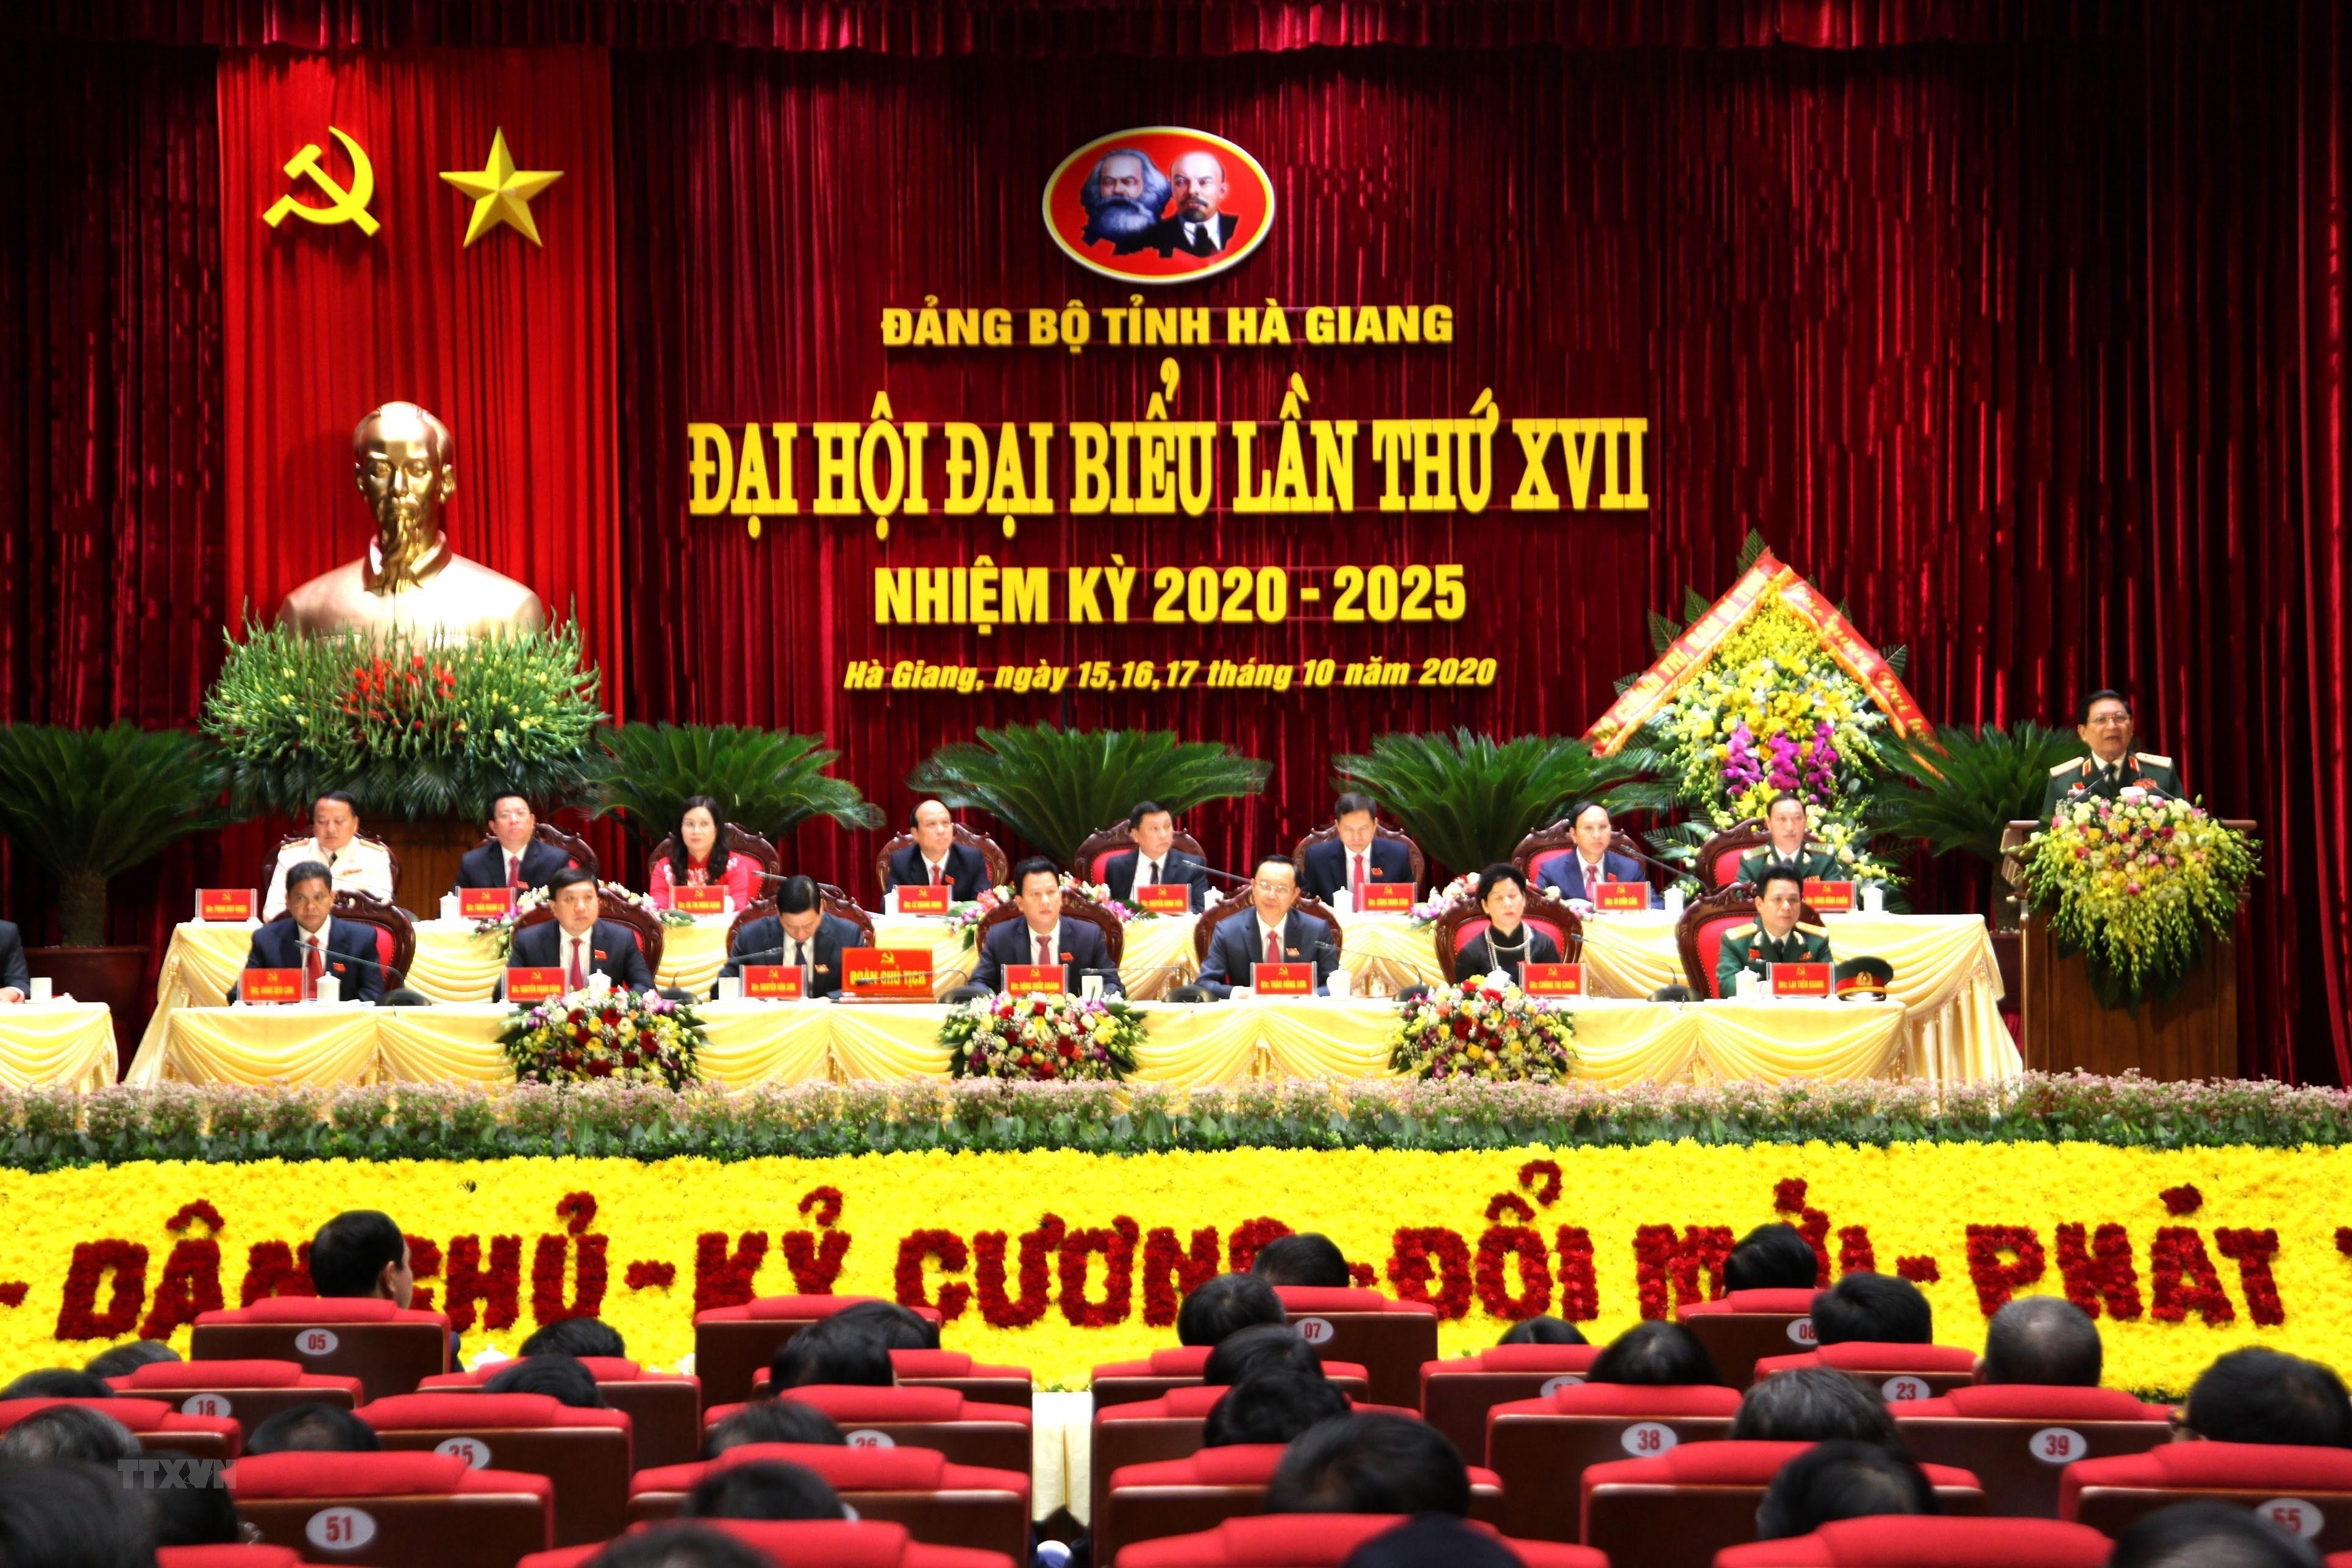 Be mac Dai hoi dai bieu Dang bo tinh Ha Giang lan thu XVII  hinh anh 1